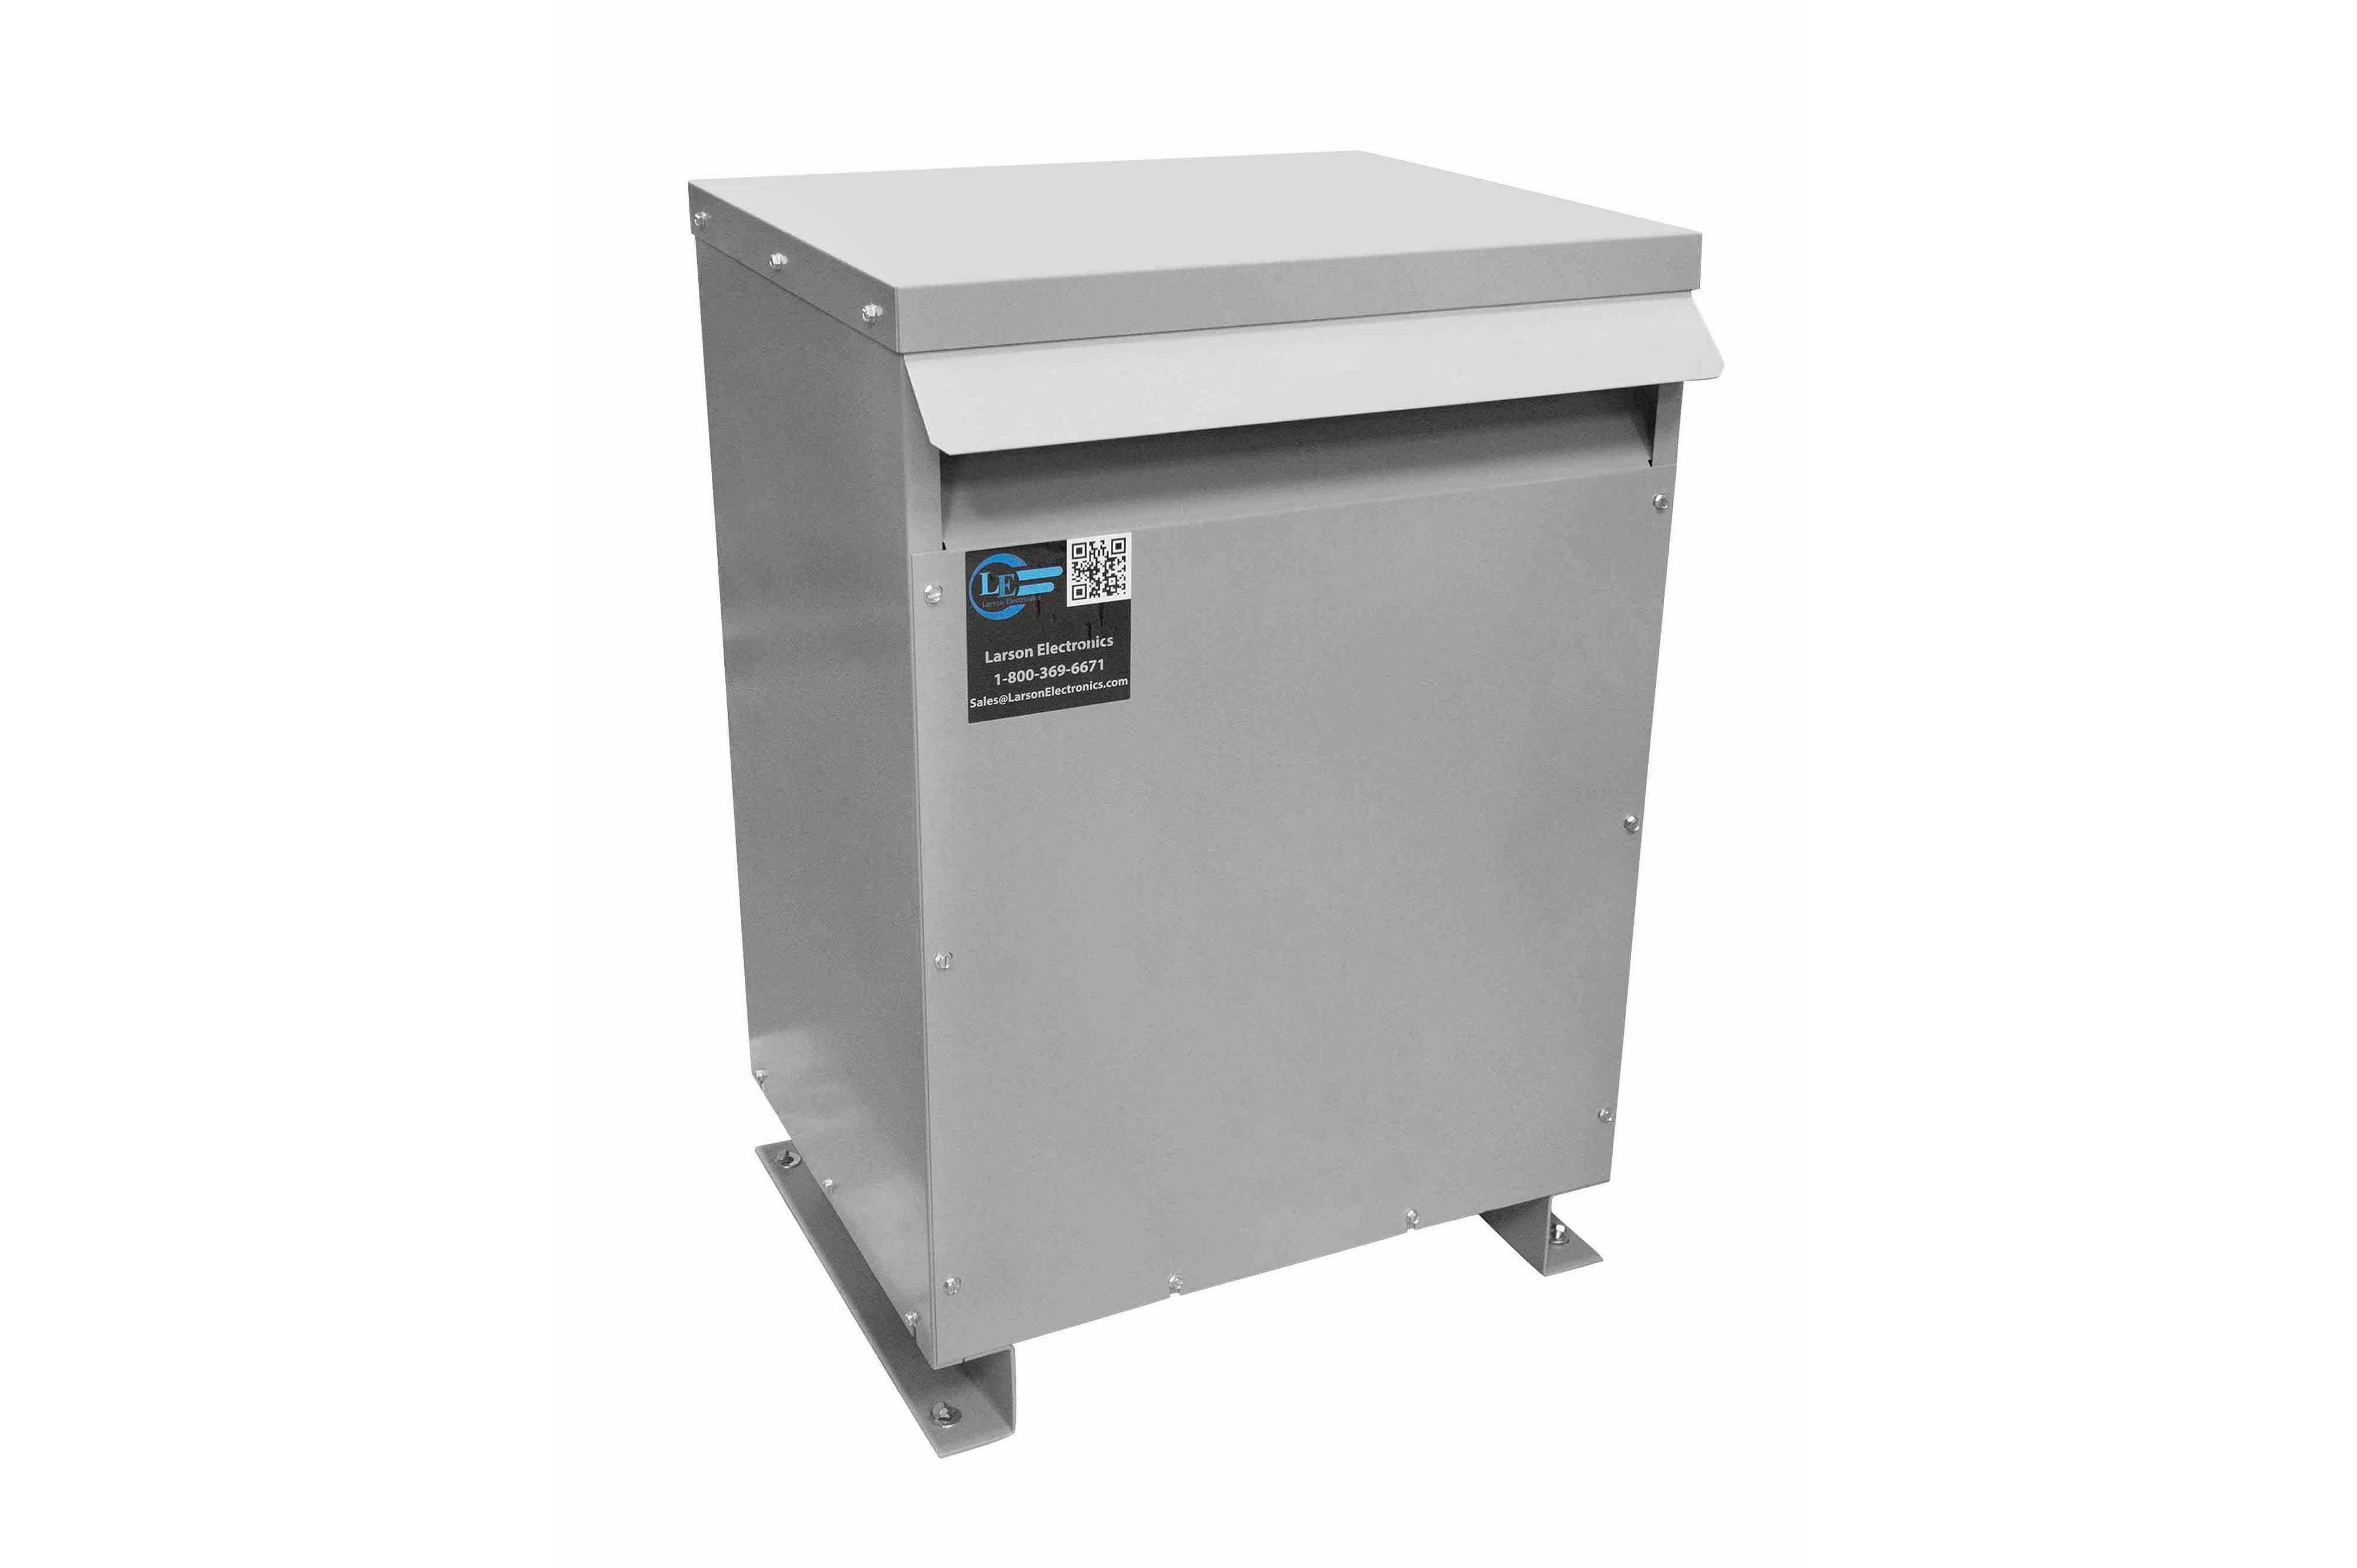 22.5 kVA 3PH Isolation Transformer, 208V Delta Primary, 208V Delta Secondary, N3R, Ventilated, 60 Hz